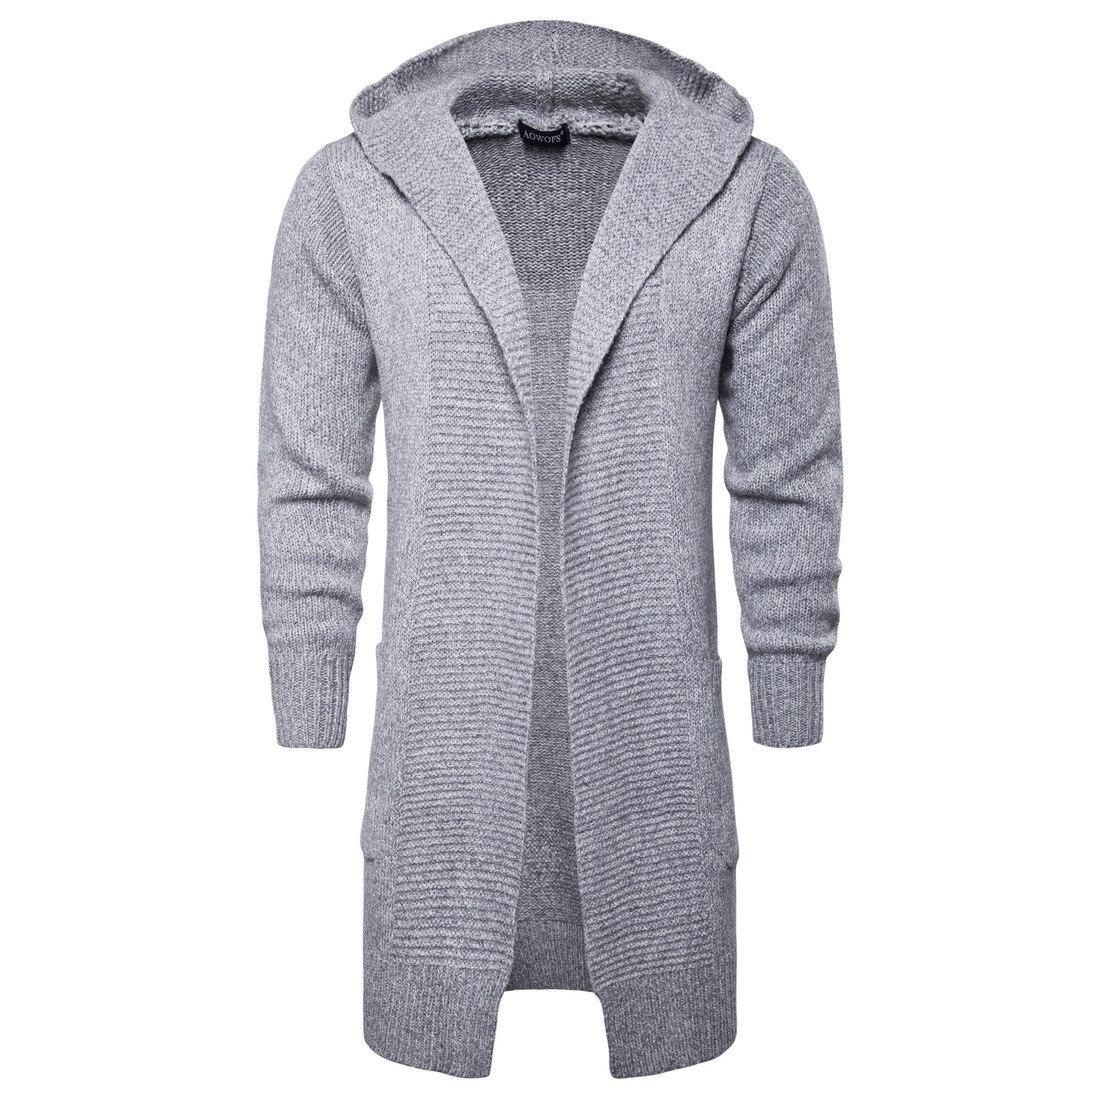 Haute qualité nouvelle mode automne vêtements pour hommes capuche kiise Cardigans vêtements hommes décontracté mi-long Cardigan hommes pull